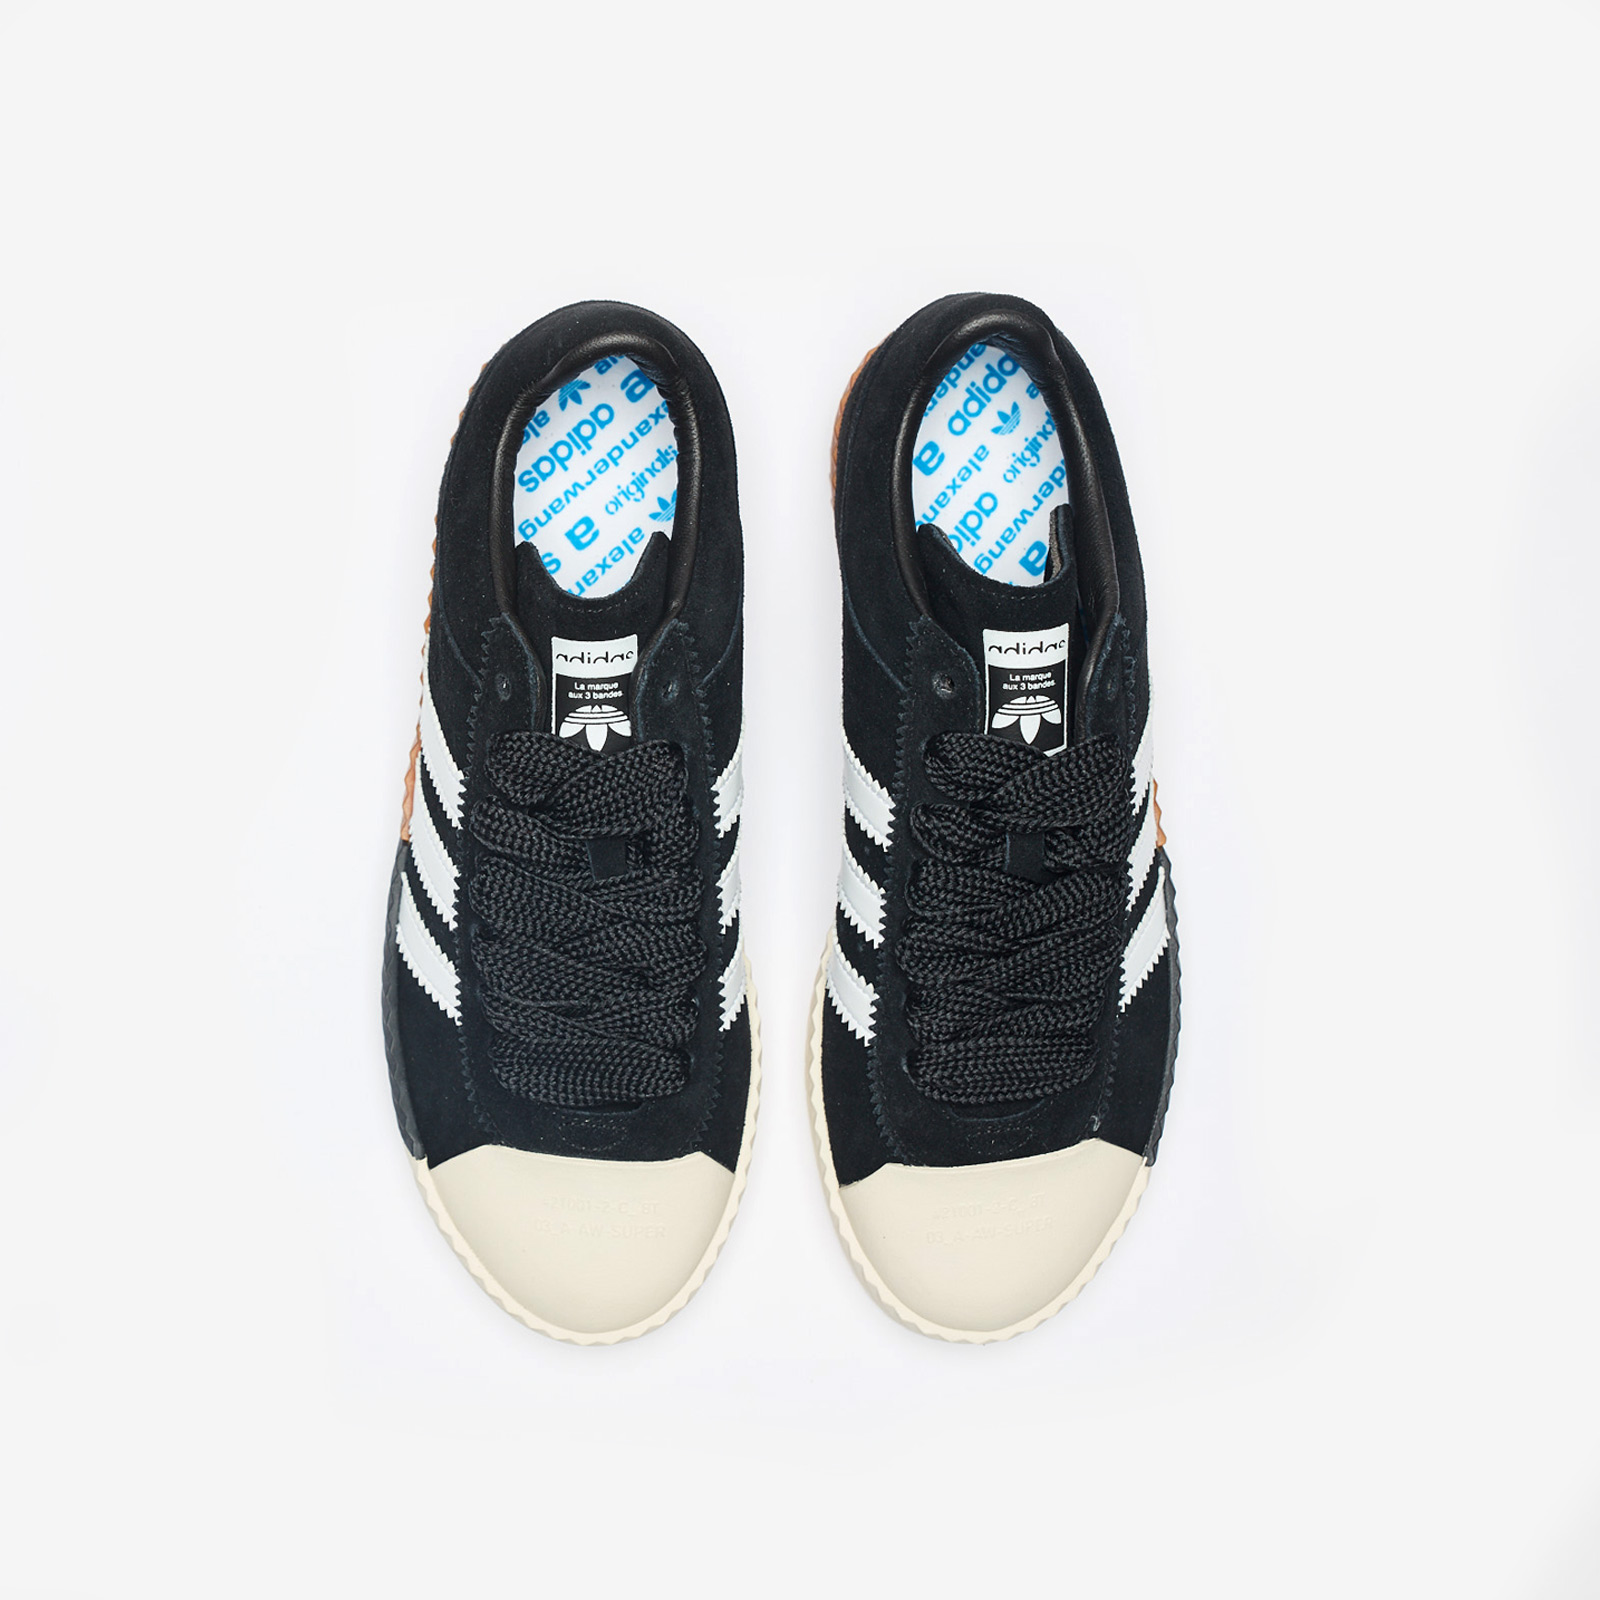 separation shoes de32d e8548 ... adidas Originals by Alexander Wang AW Skate Super ...